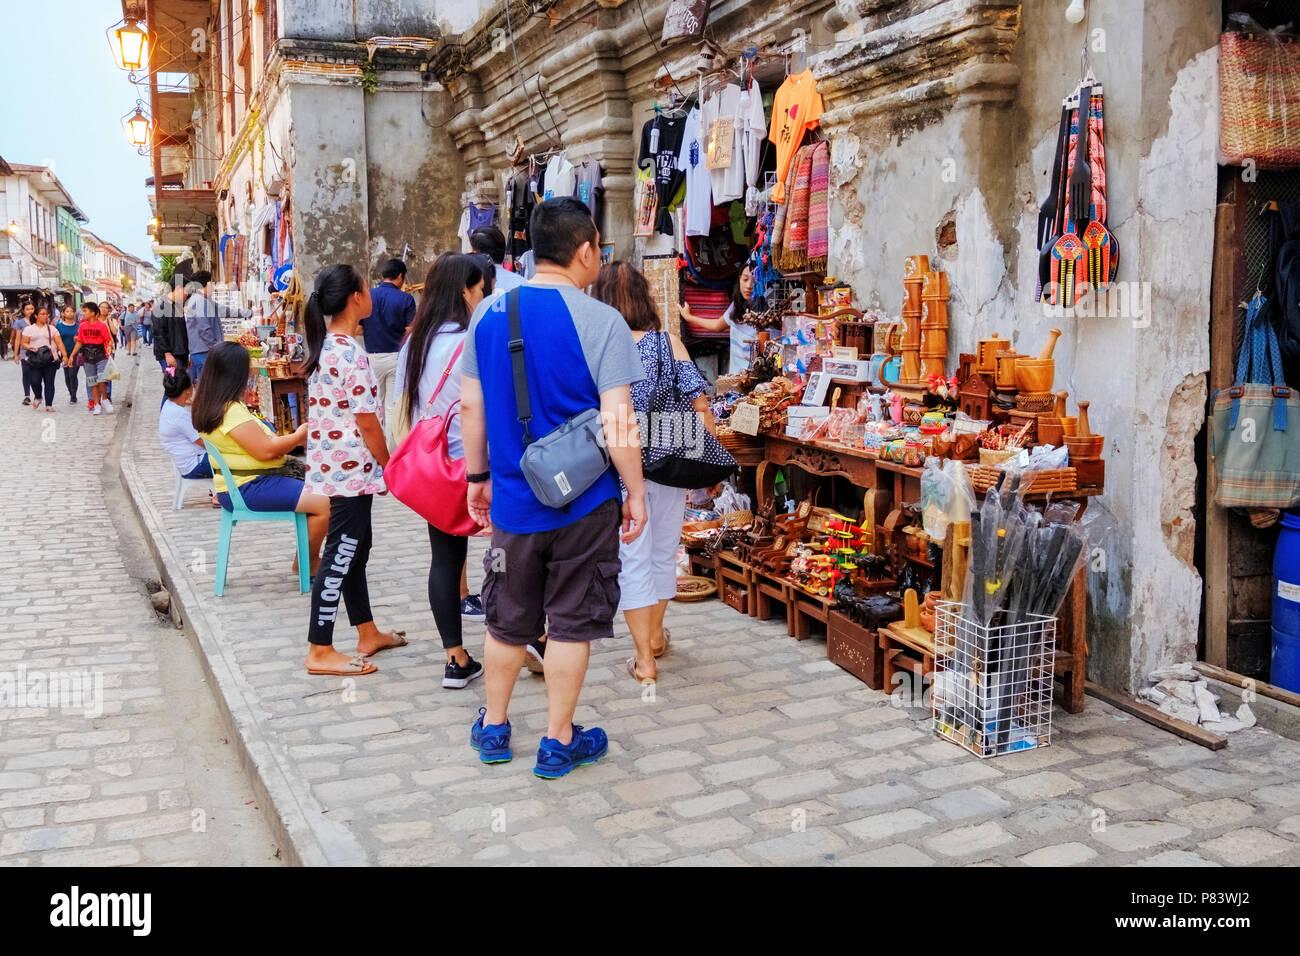 La pittoresca del XVI secolo città coloniale spagnola di Vigan nelle Filippine con le sue strade di ciottoli Foto Stock